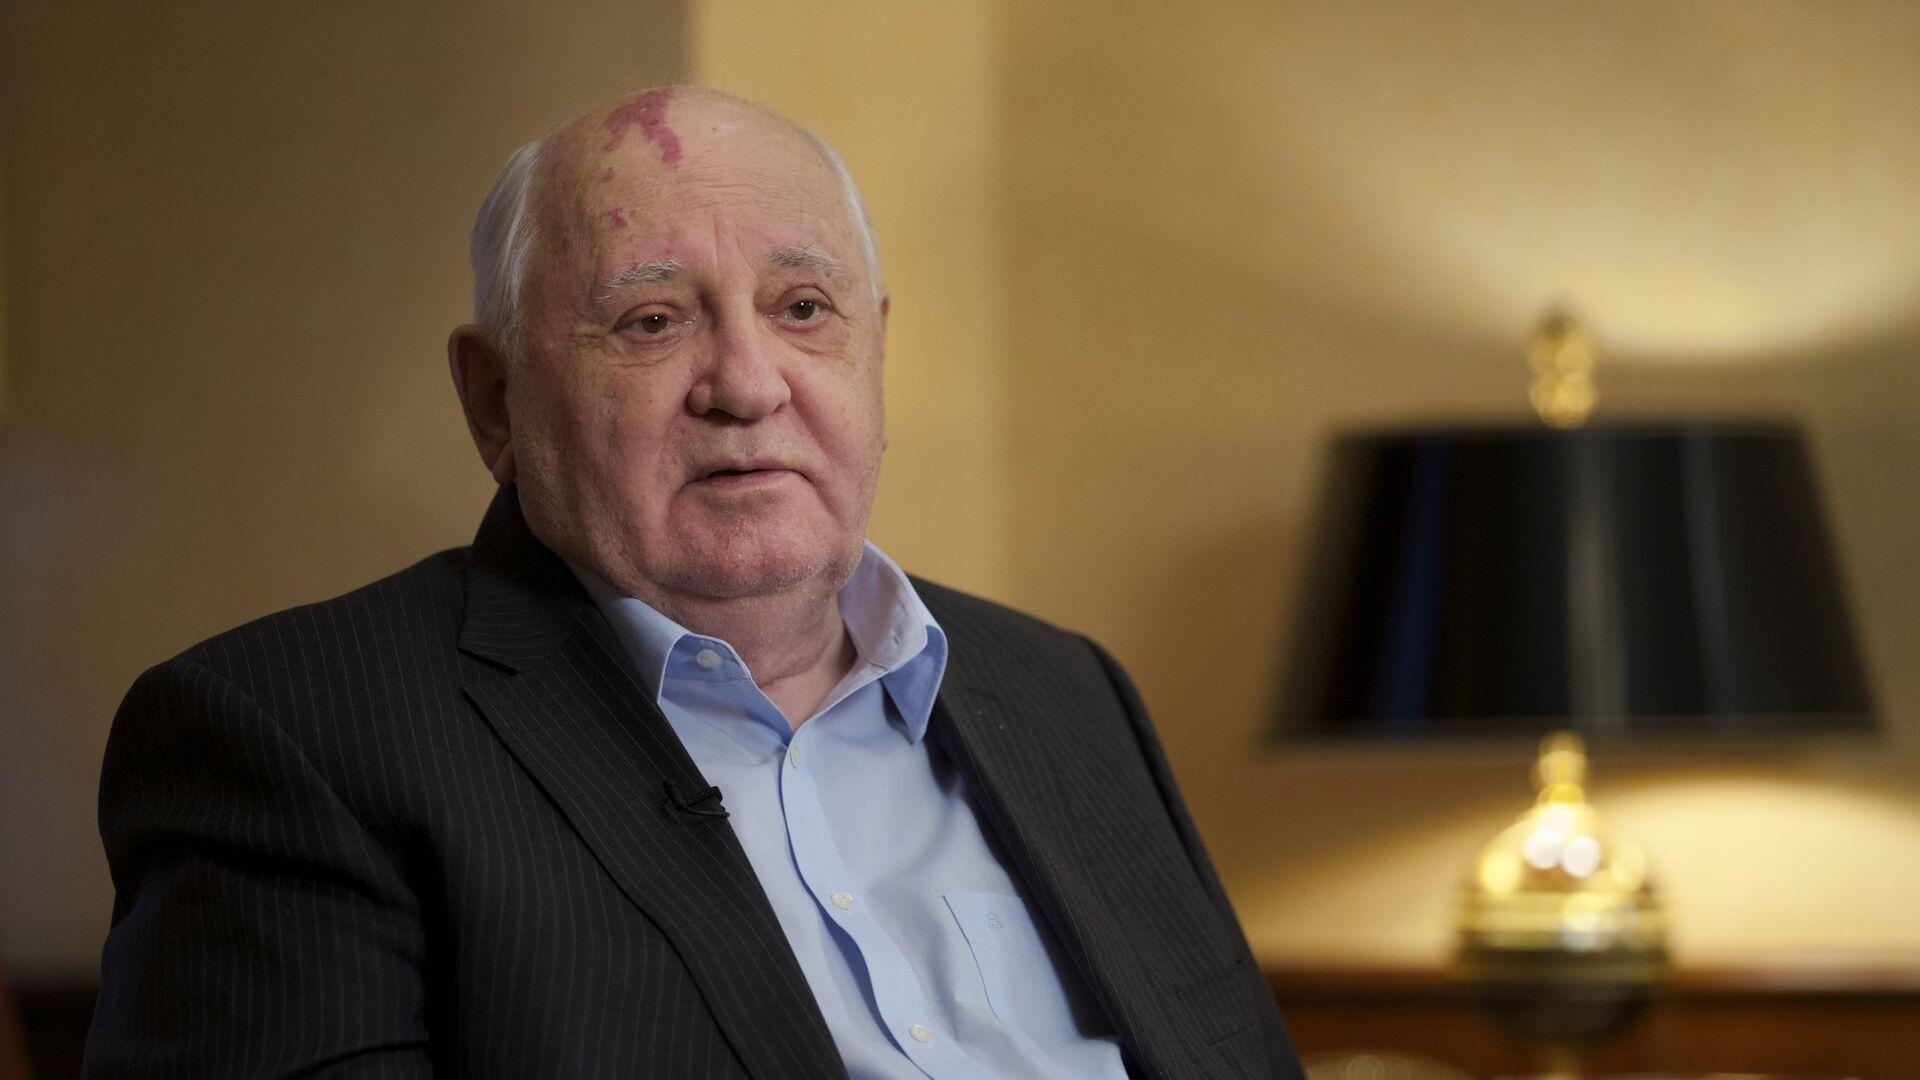 Bývalý prezident SSSR Michail Gorbačov - Sputnik Česká republika, 1920, 31.07.2021